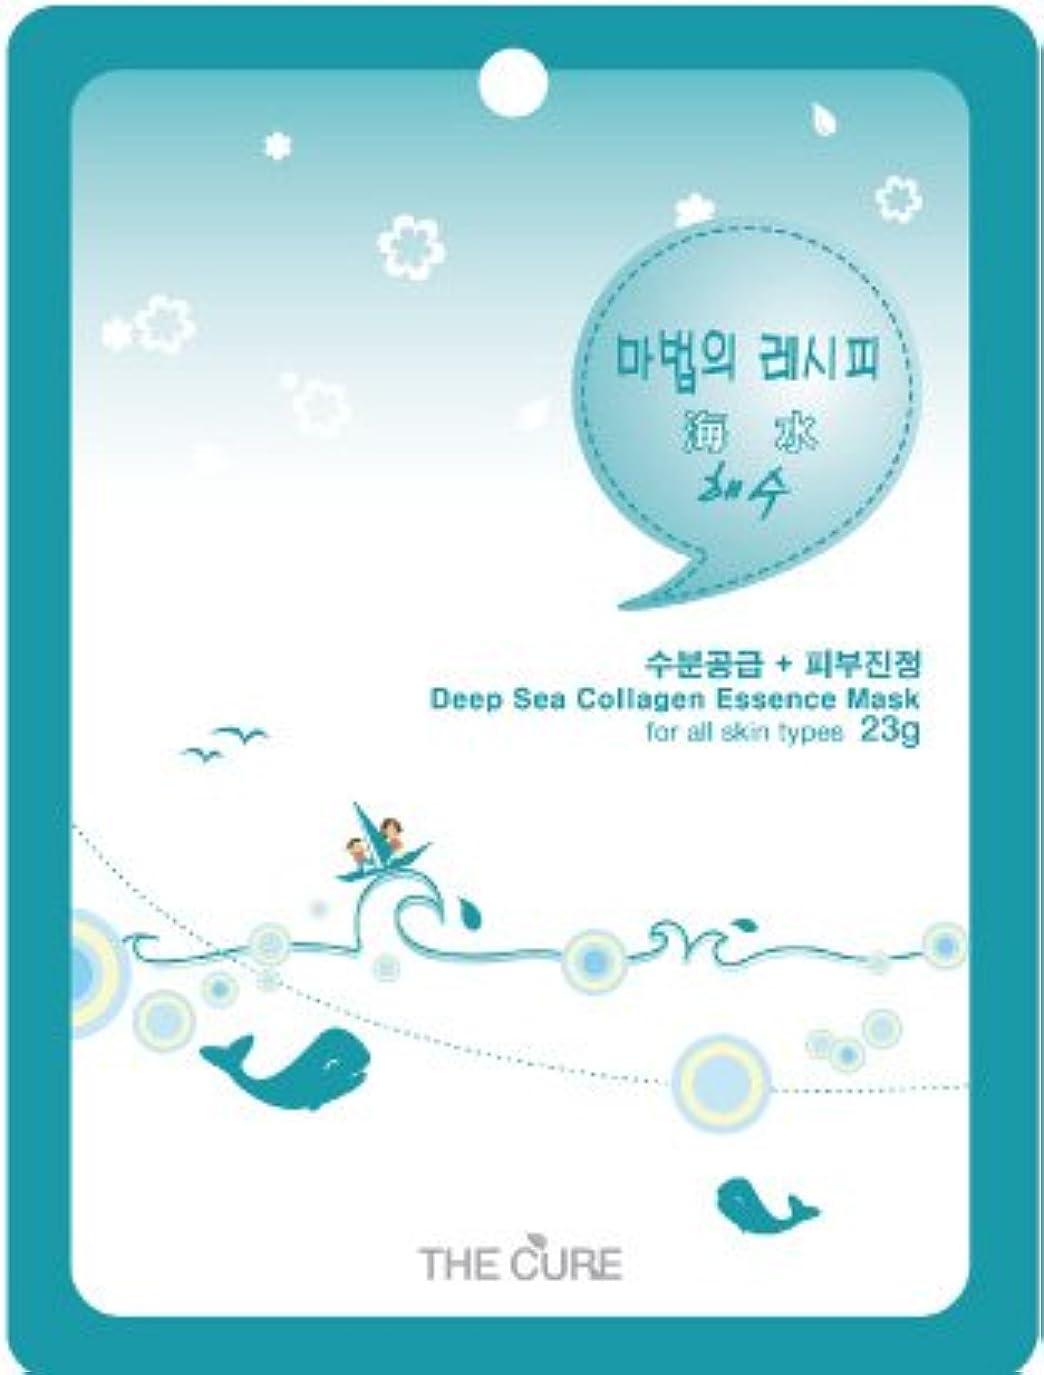 トランクライブラリ魅力的教える海水 コラーゲン エッセンス マスク THE CURE シート パック 10枚セット 韓国 コスメ